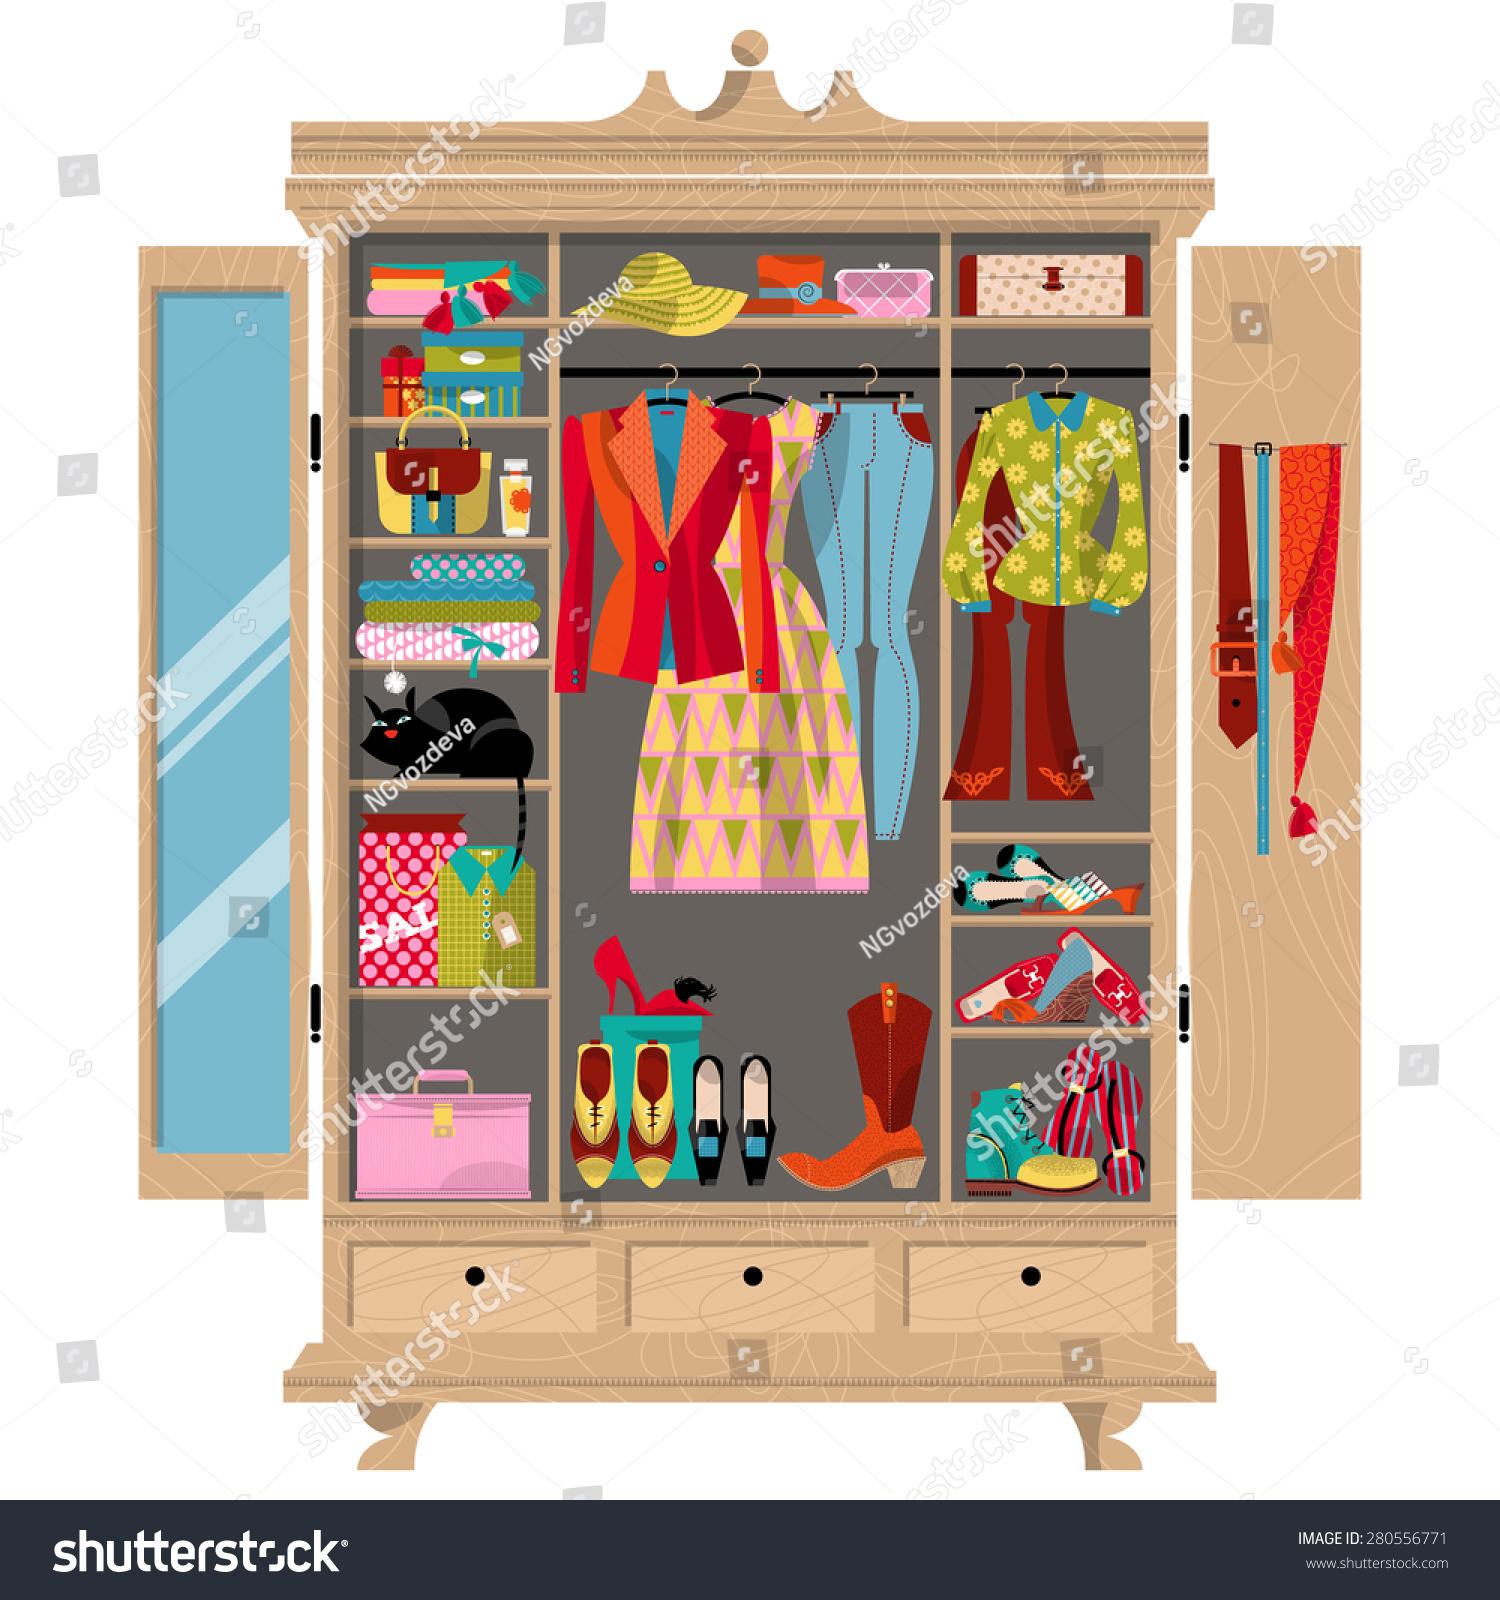 Clip art bedroom closet imgkid the image kid